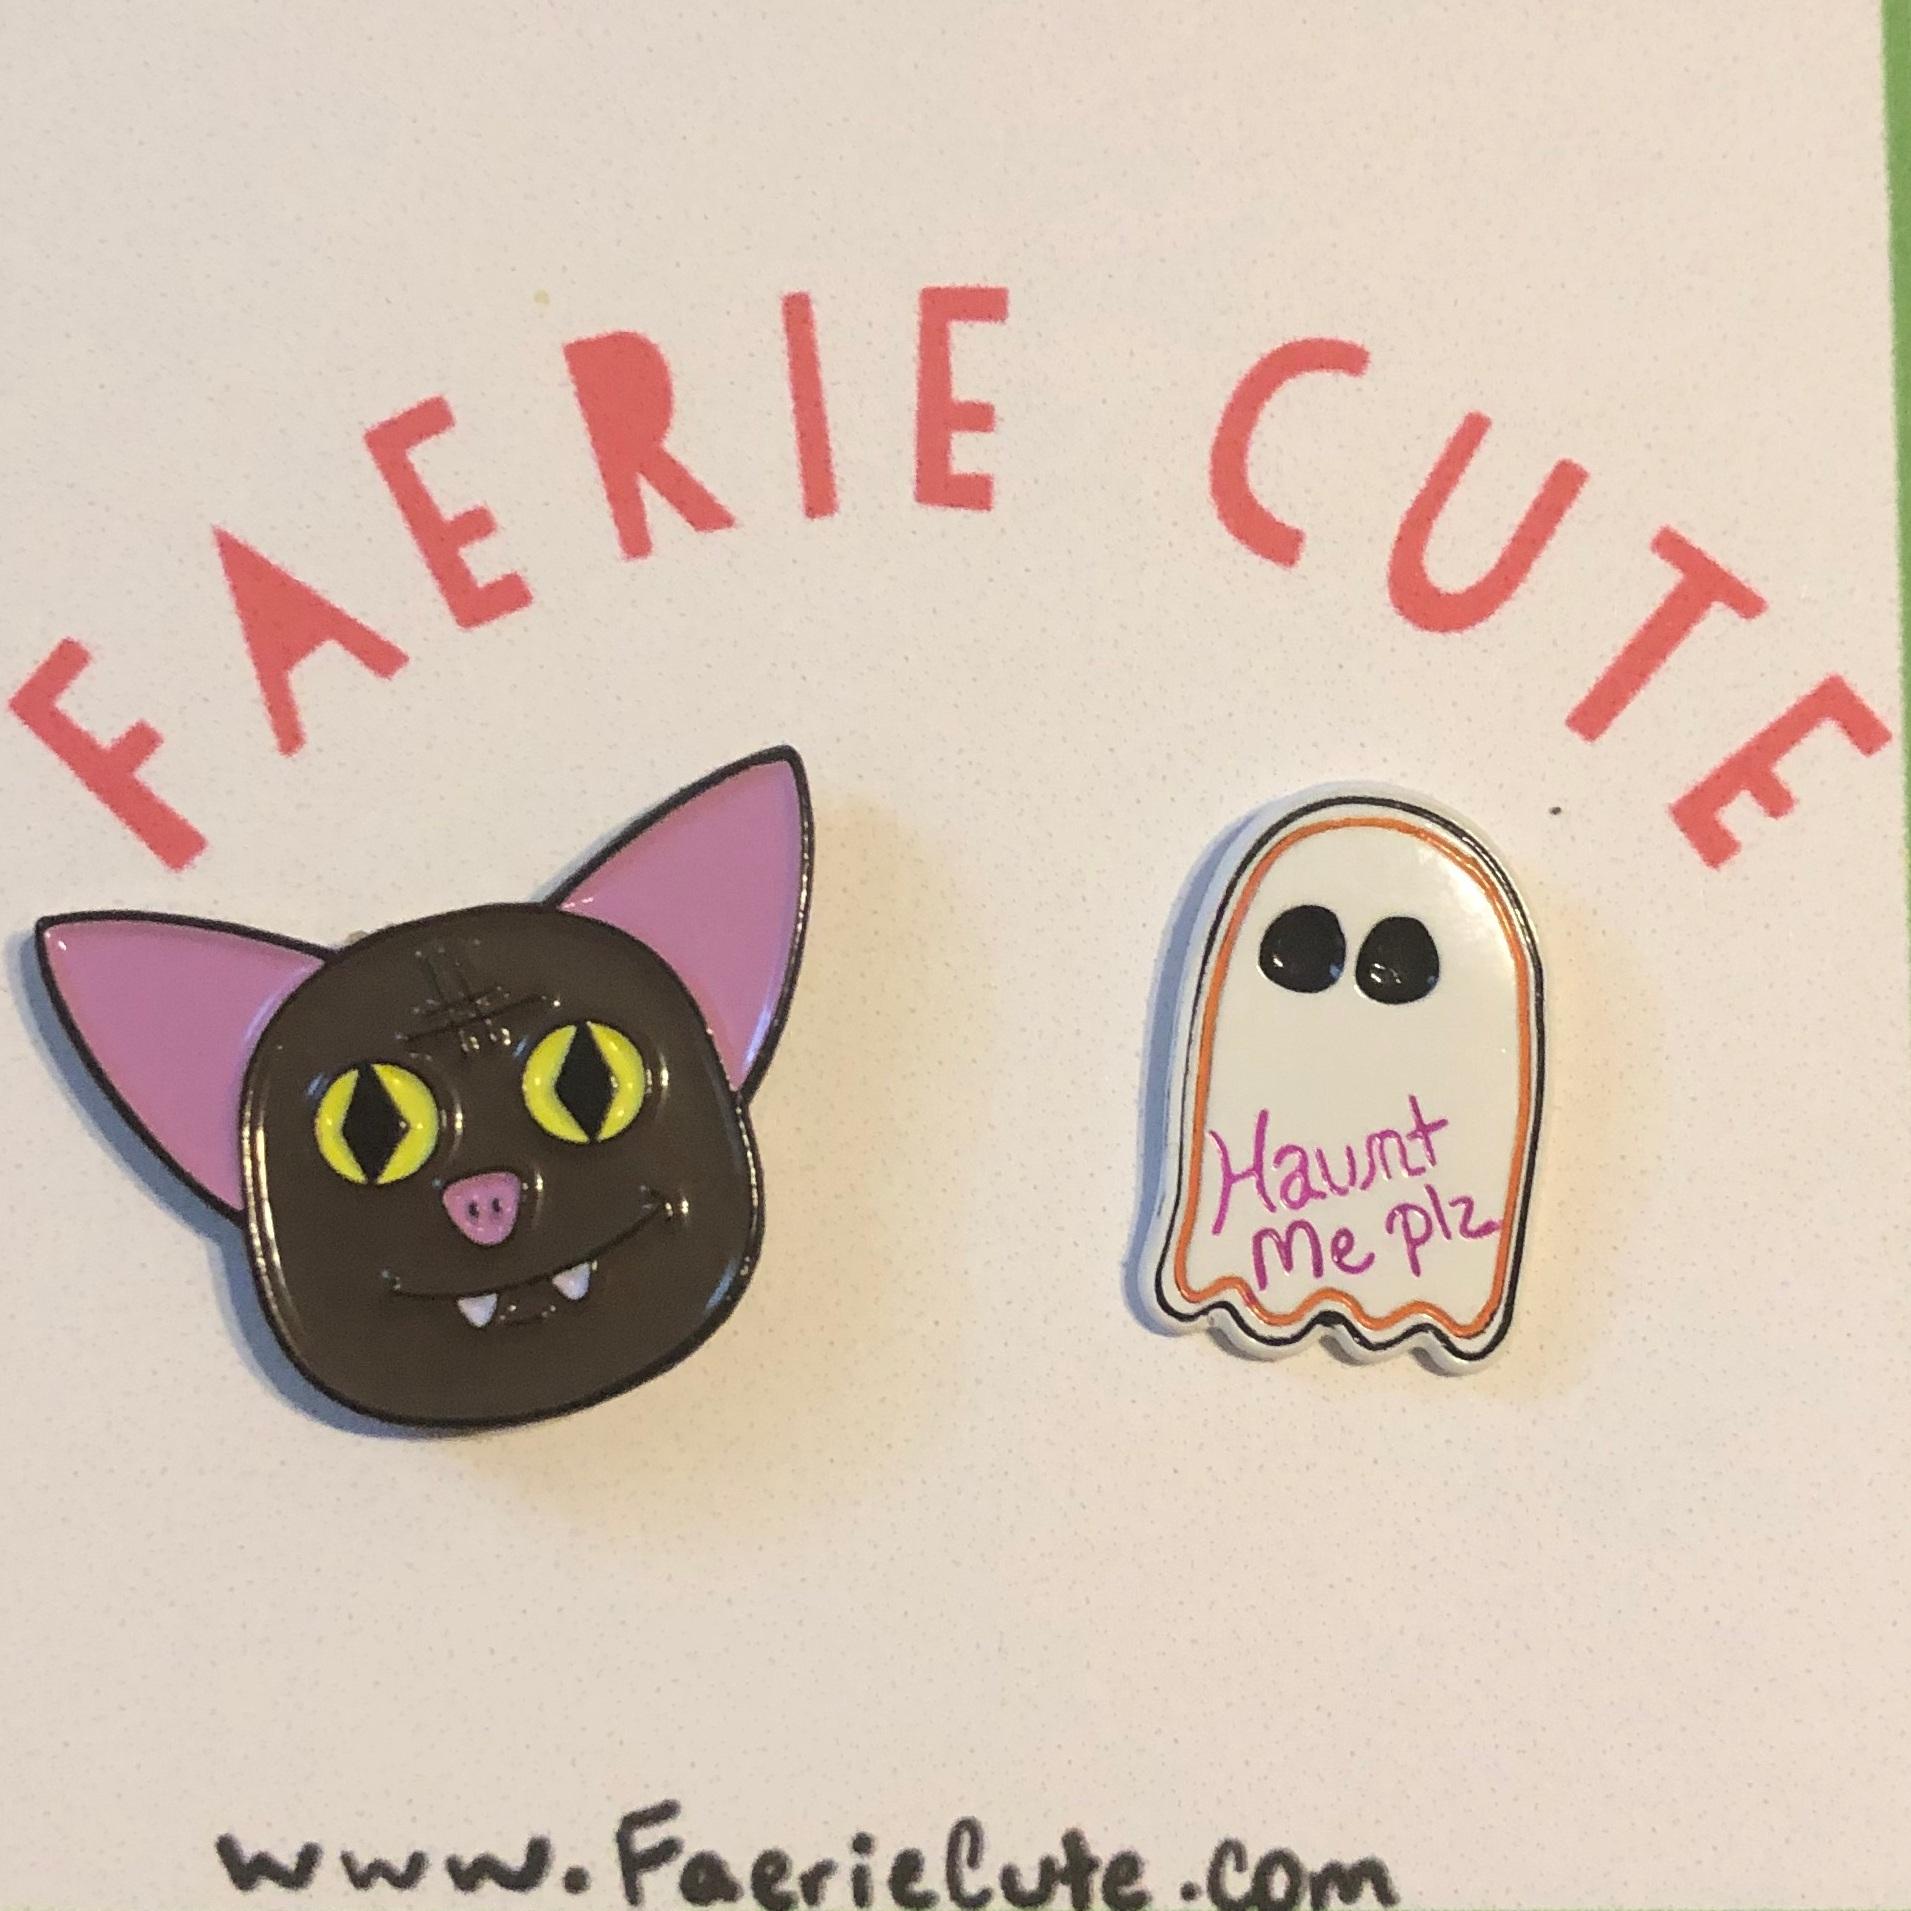 Faerie Cute